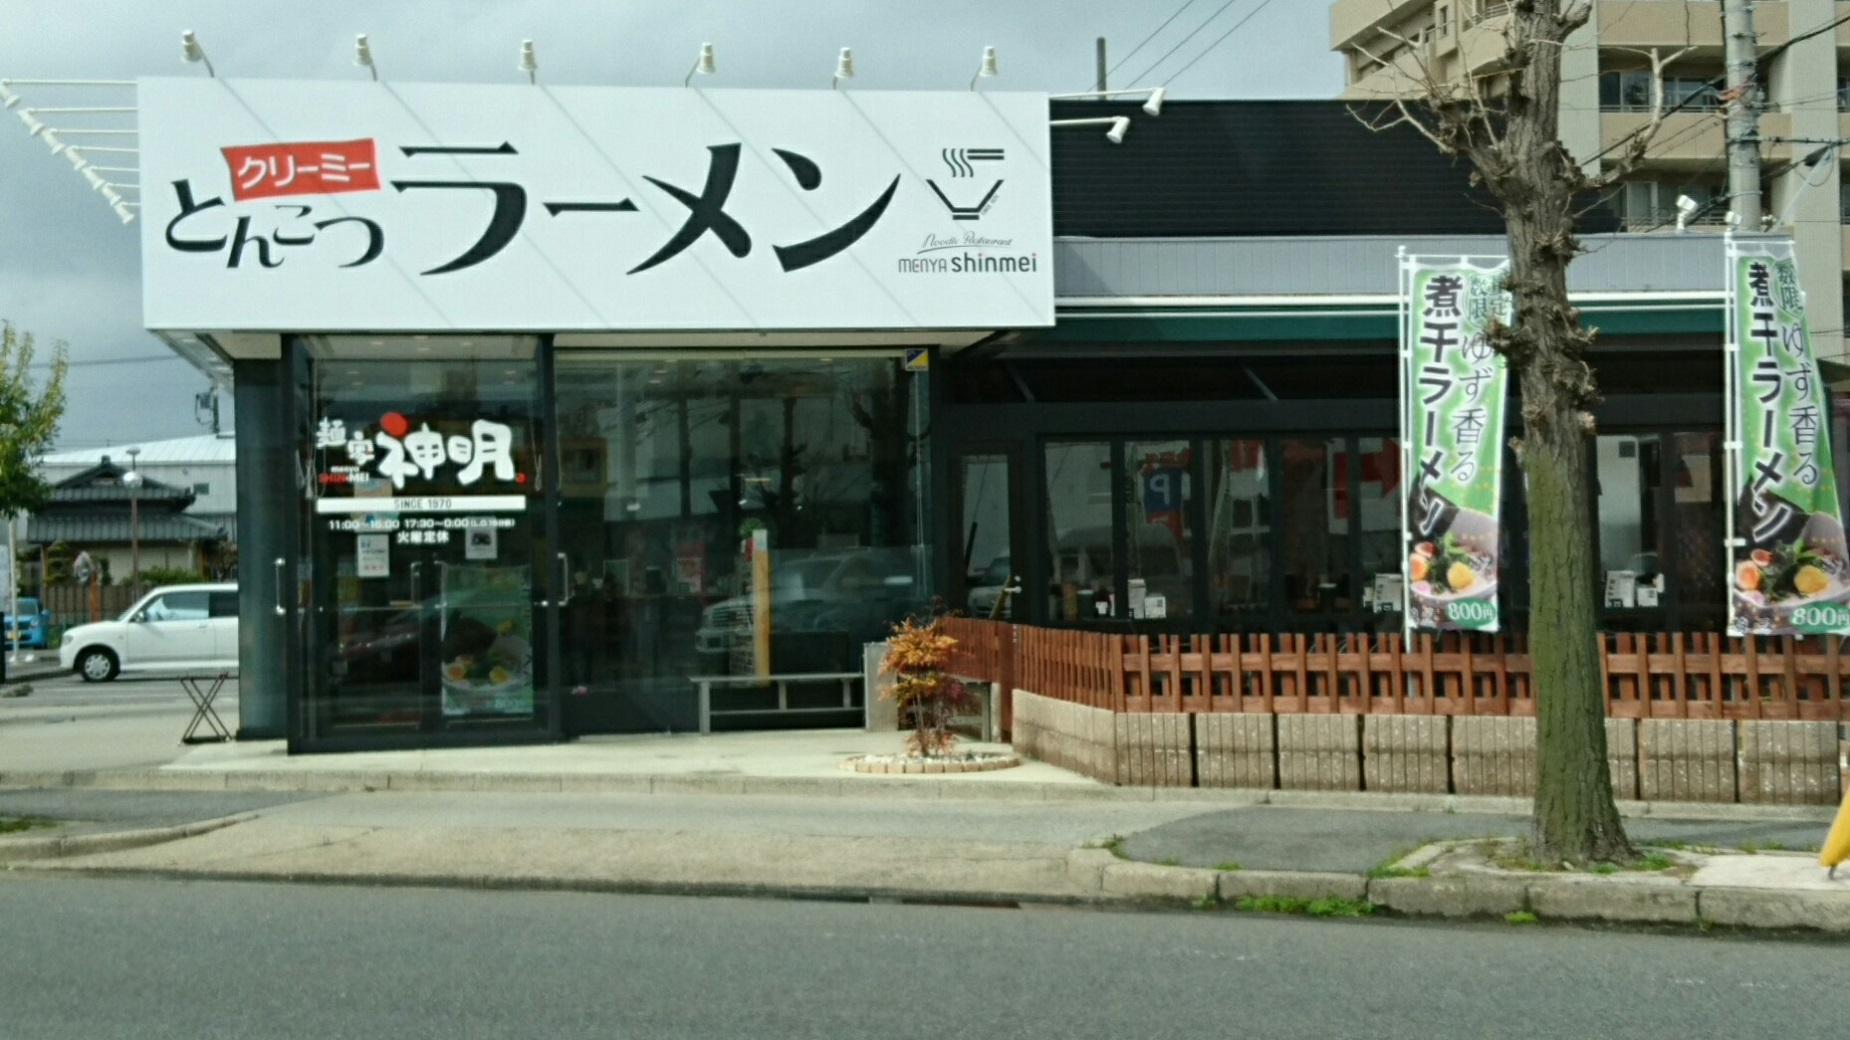 2017.4.7 麺家神明あんじょう店 1850-1040